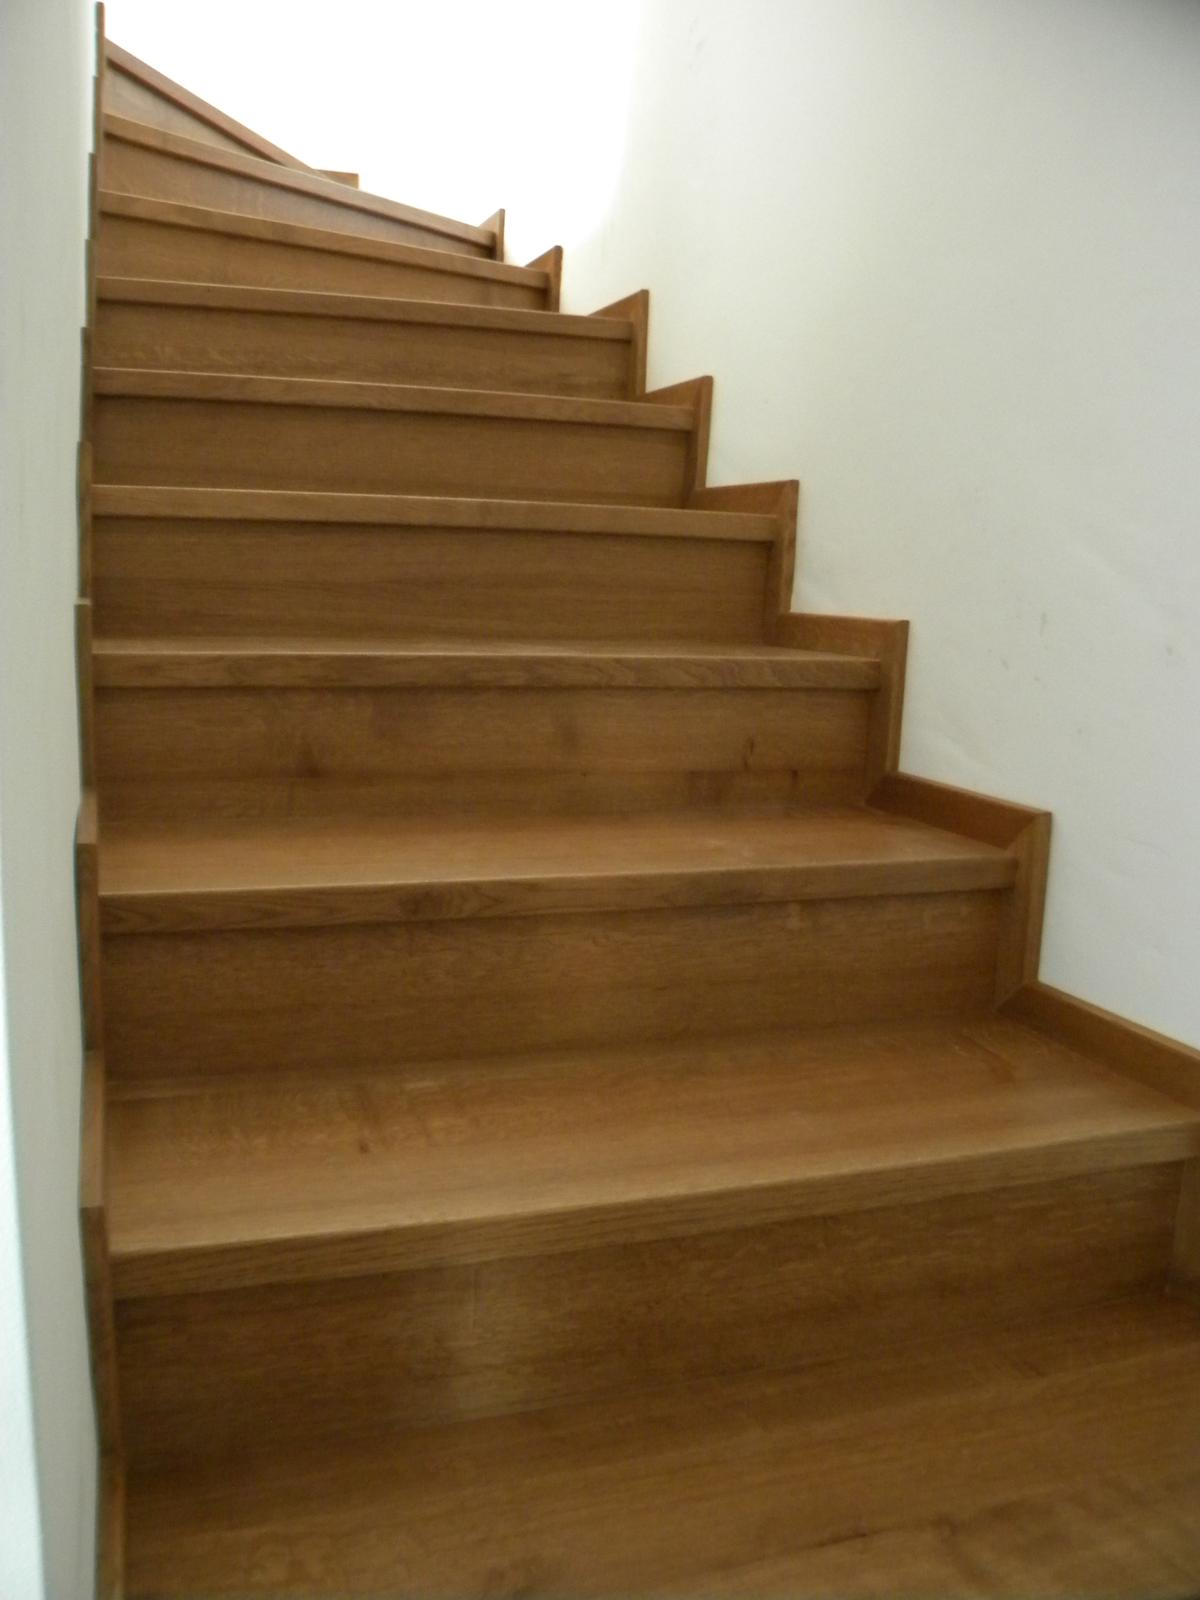 Výroba schodov, pozri môj profil - Obrázok č. 3